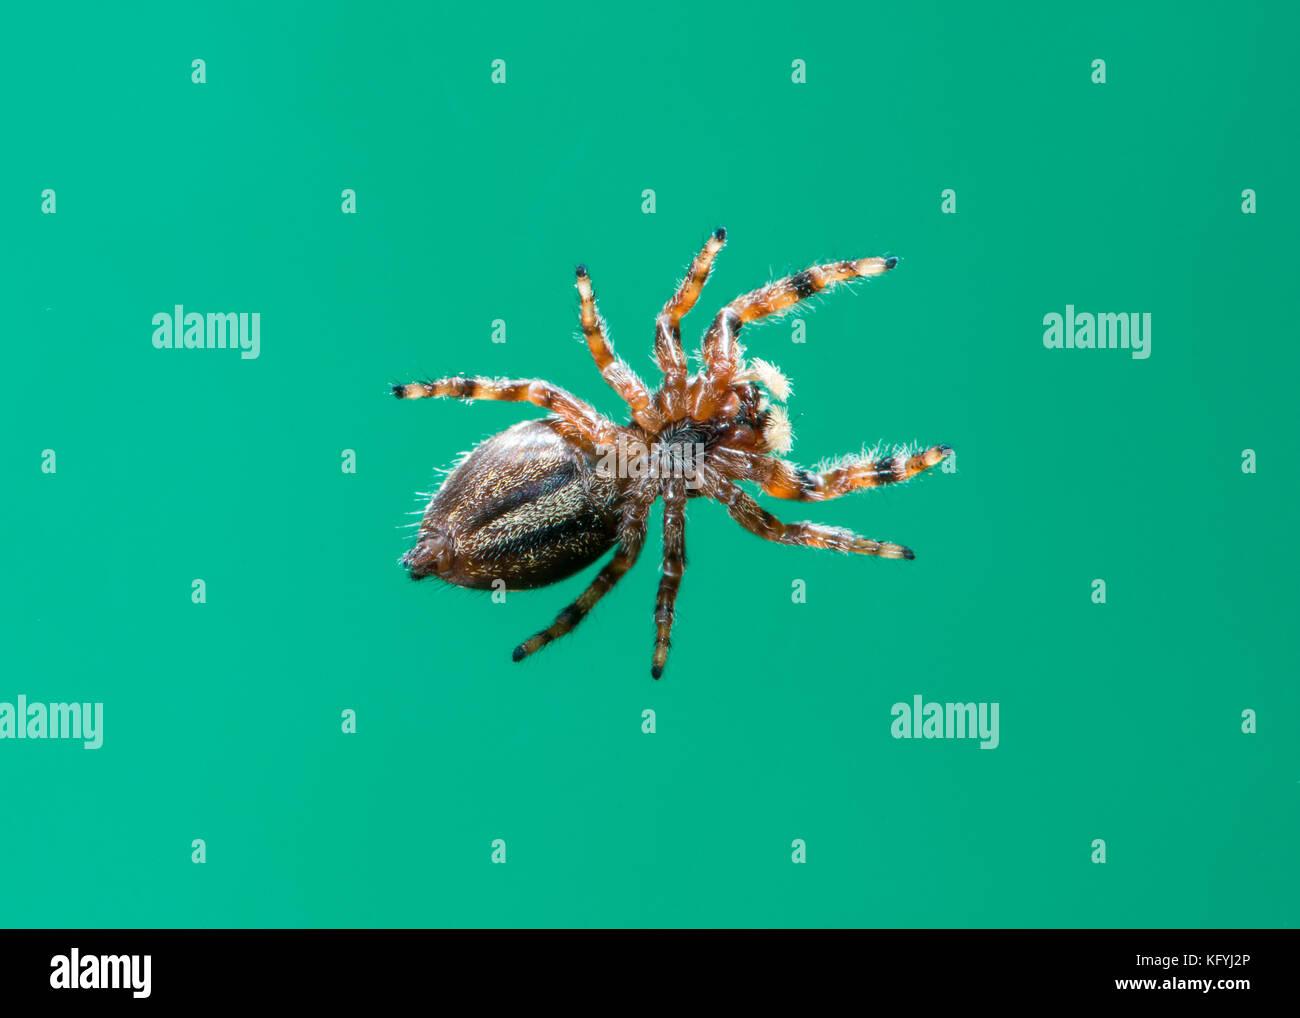 Kansas City, Kansas. Vista inferior del puente brillante araña; phidippus clarus. Imagen De Stock